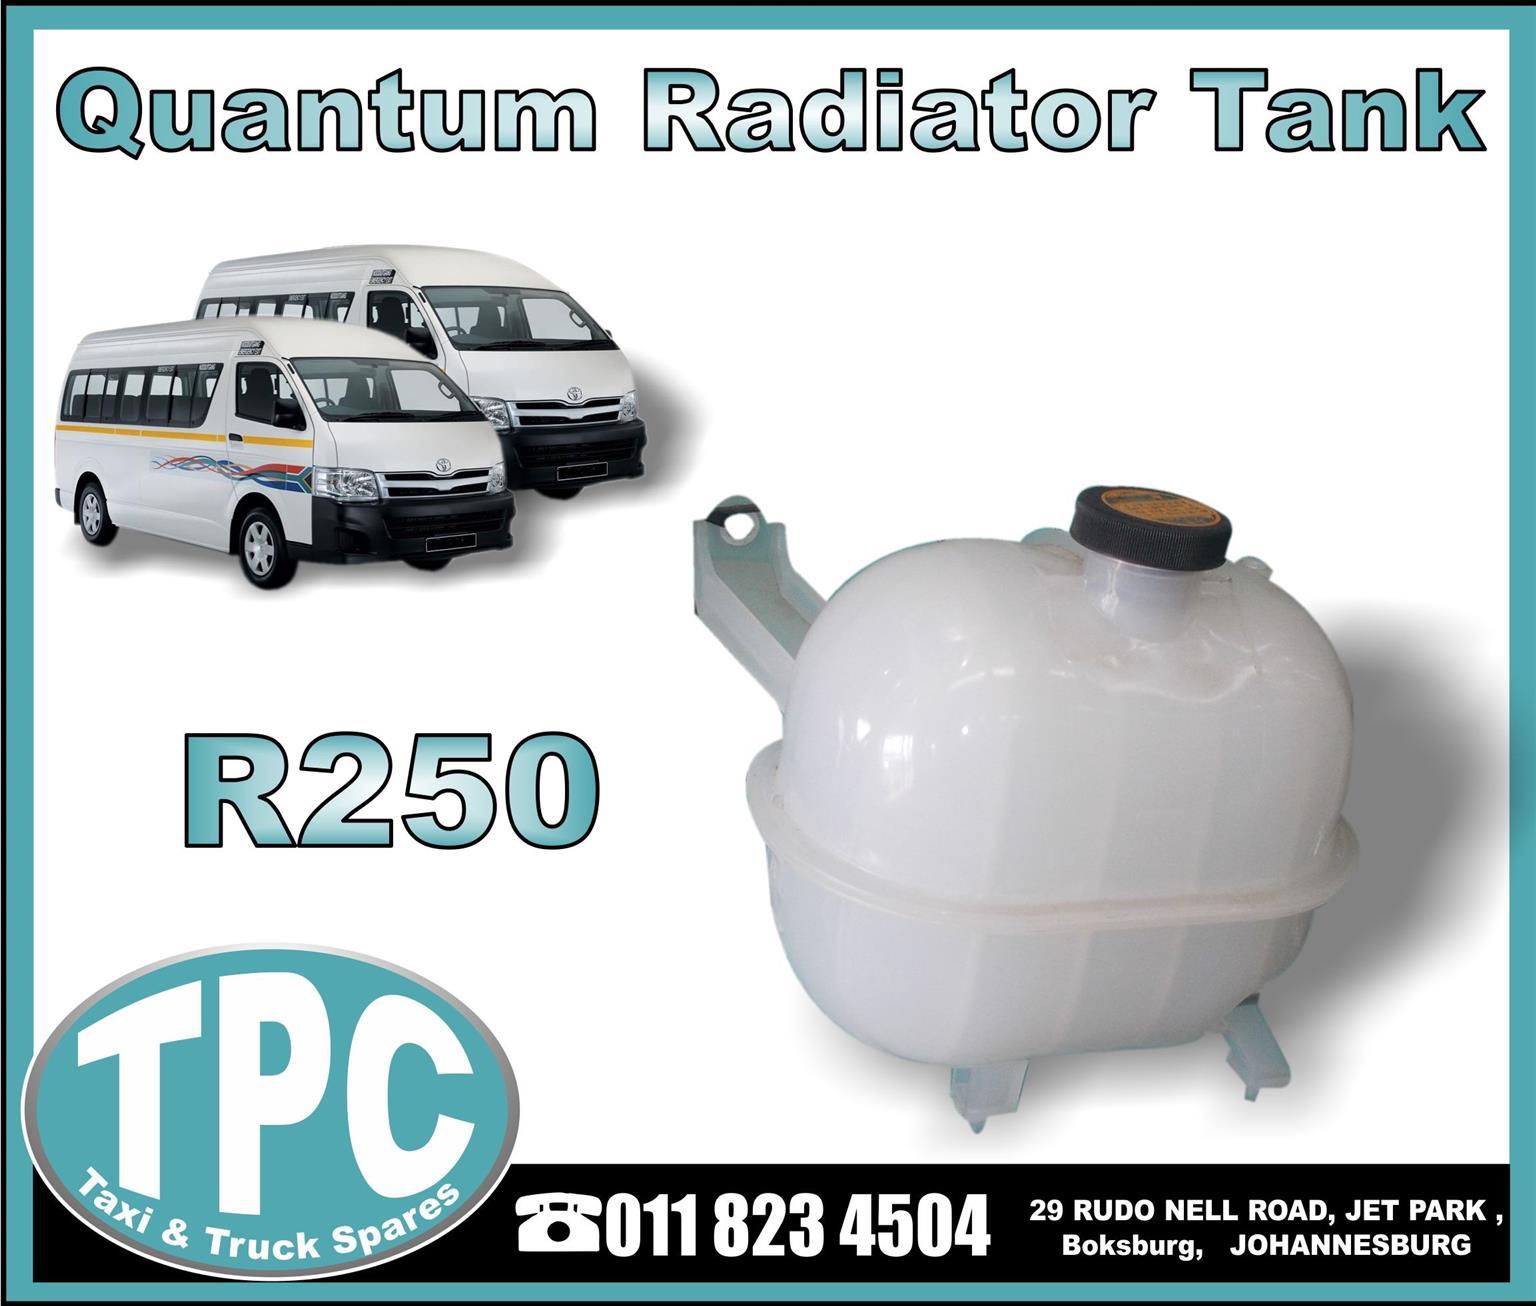 Quantum Radiator Tank - New Replacement Parts.